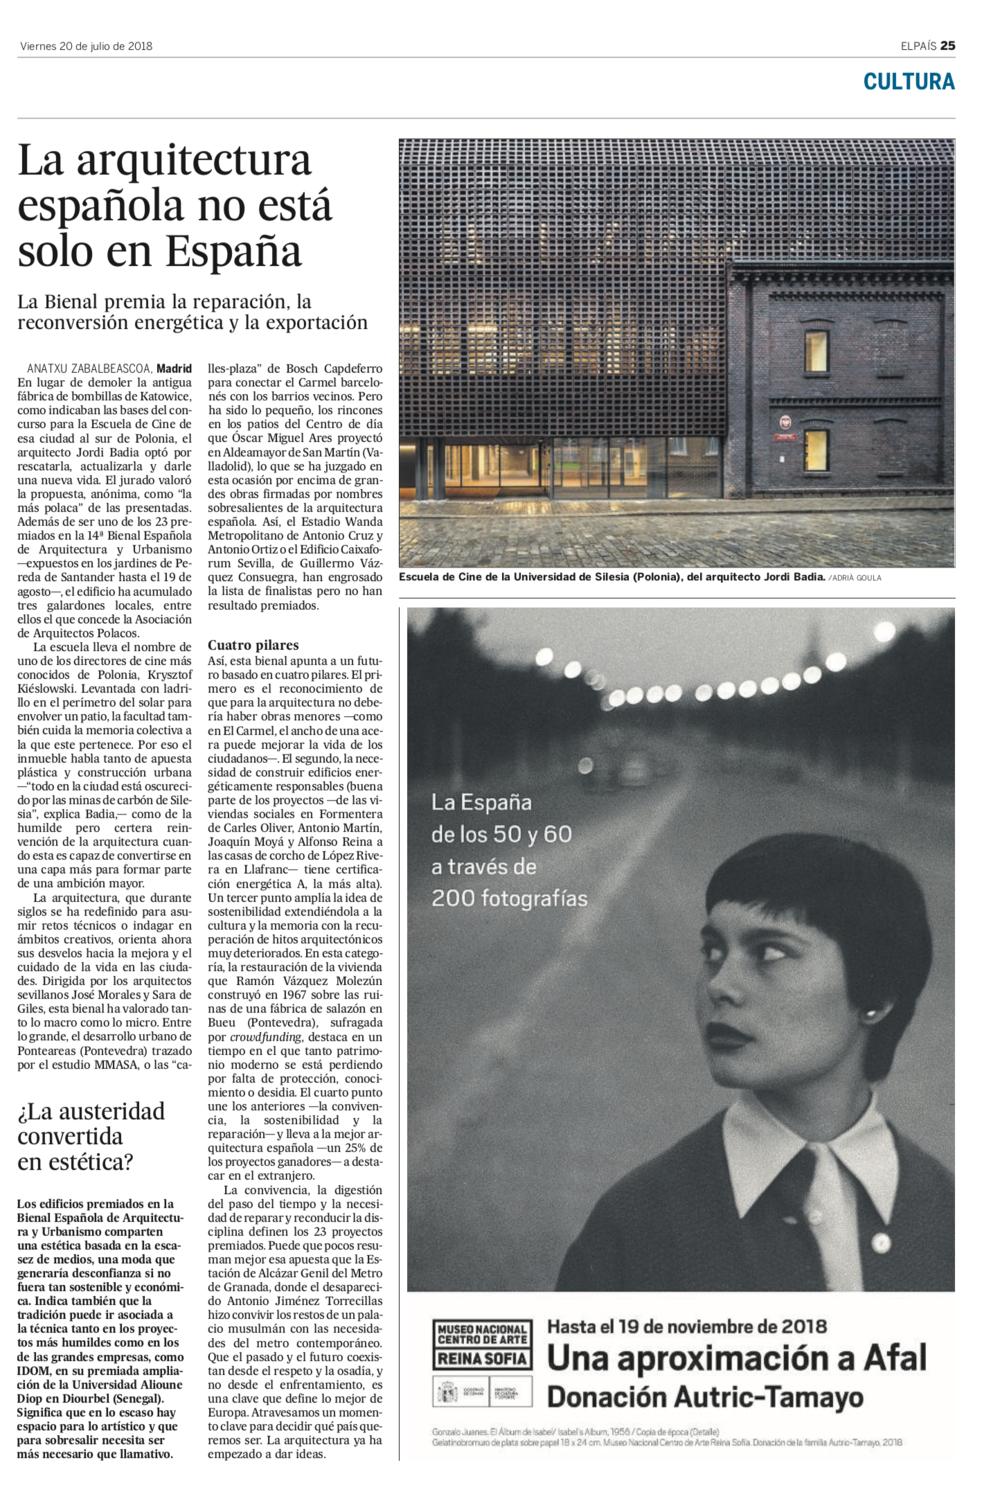 La arquitectura española no está solo en España - EL PAÍS